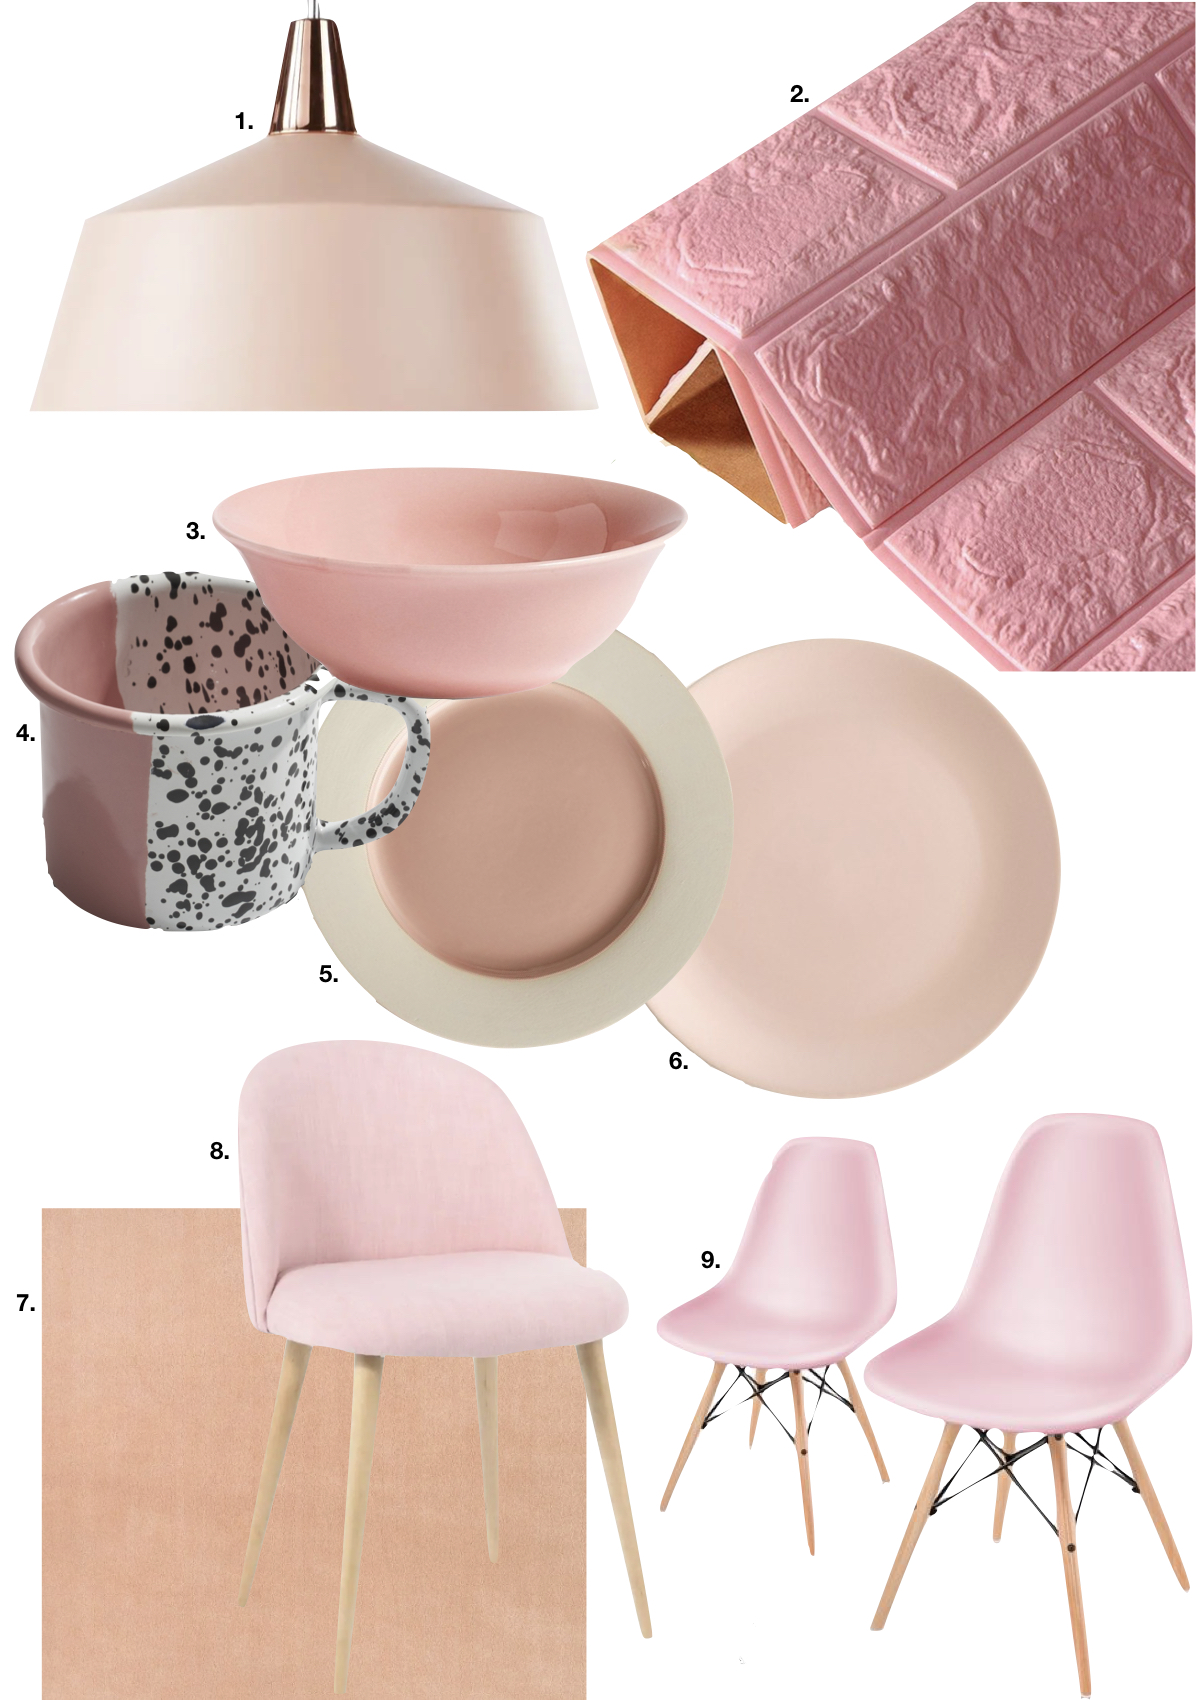 rose blush cuisine assiette chaise scandinave nappe tasse tacheté - blog déco - clem around the corner